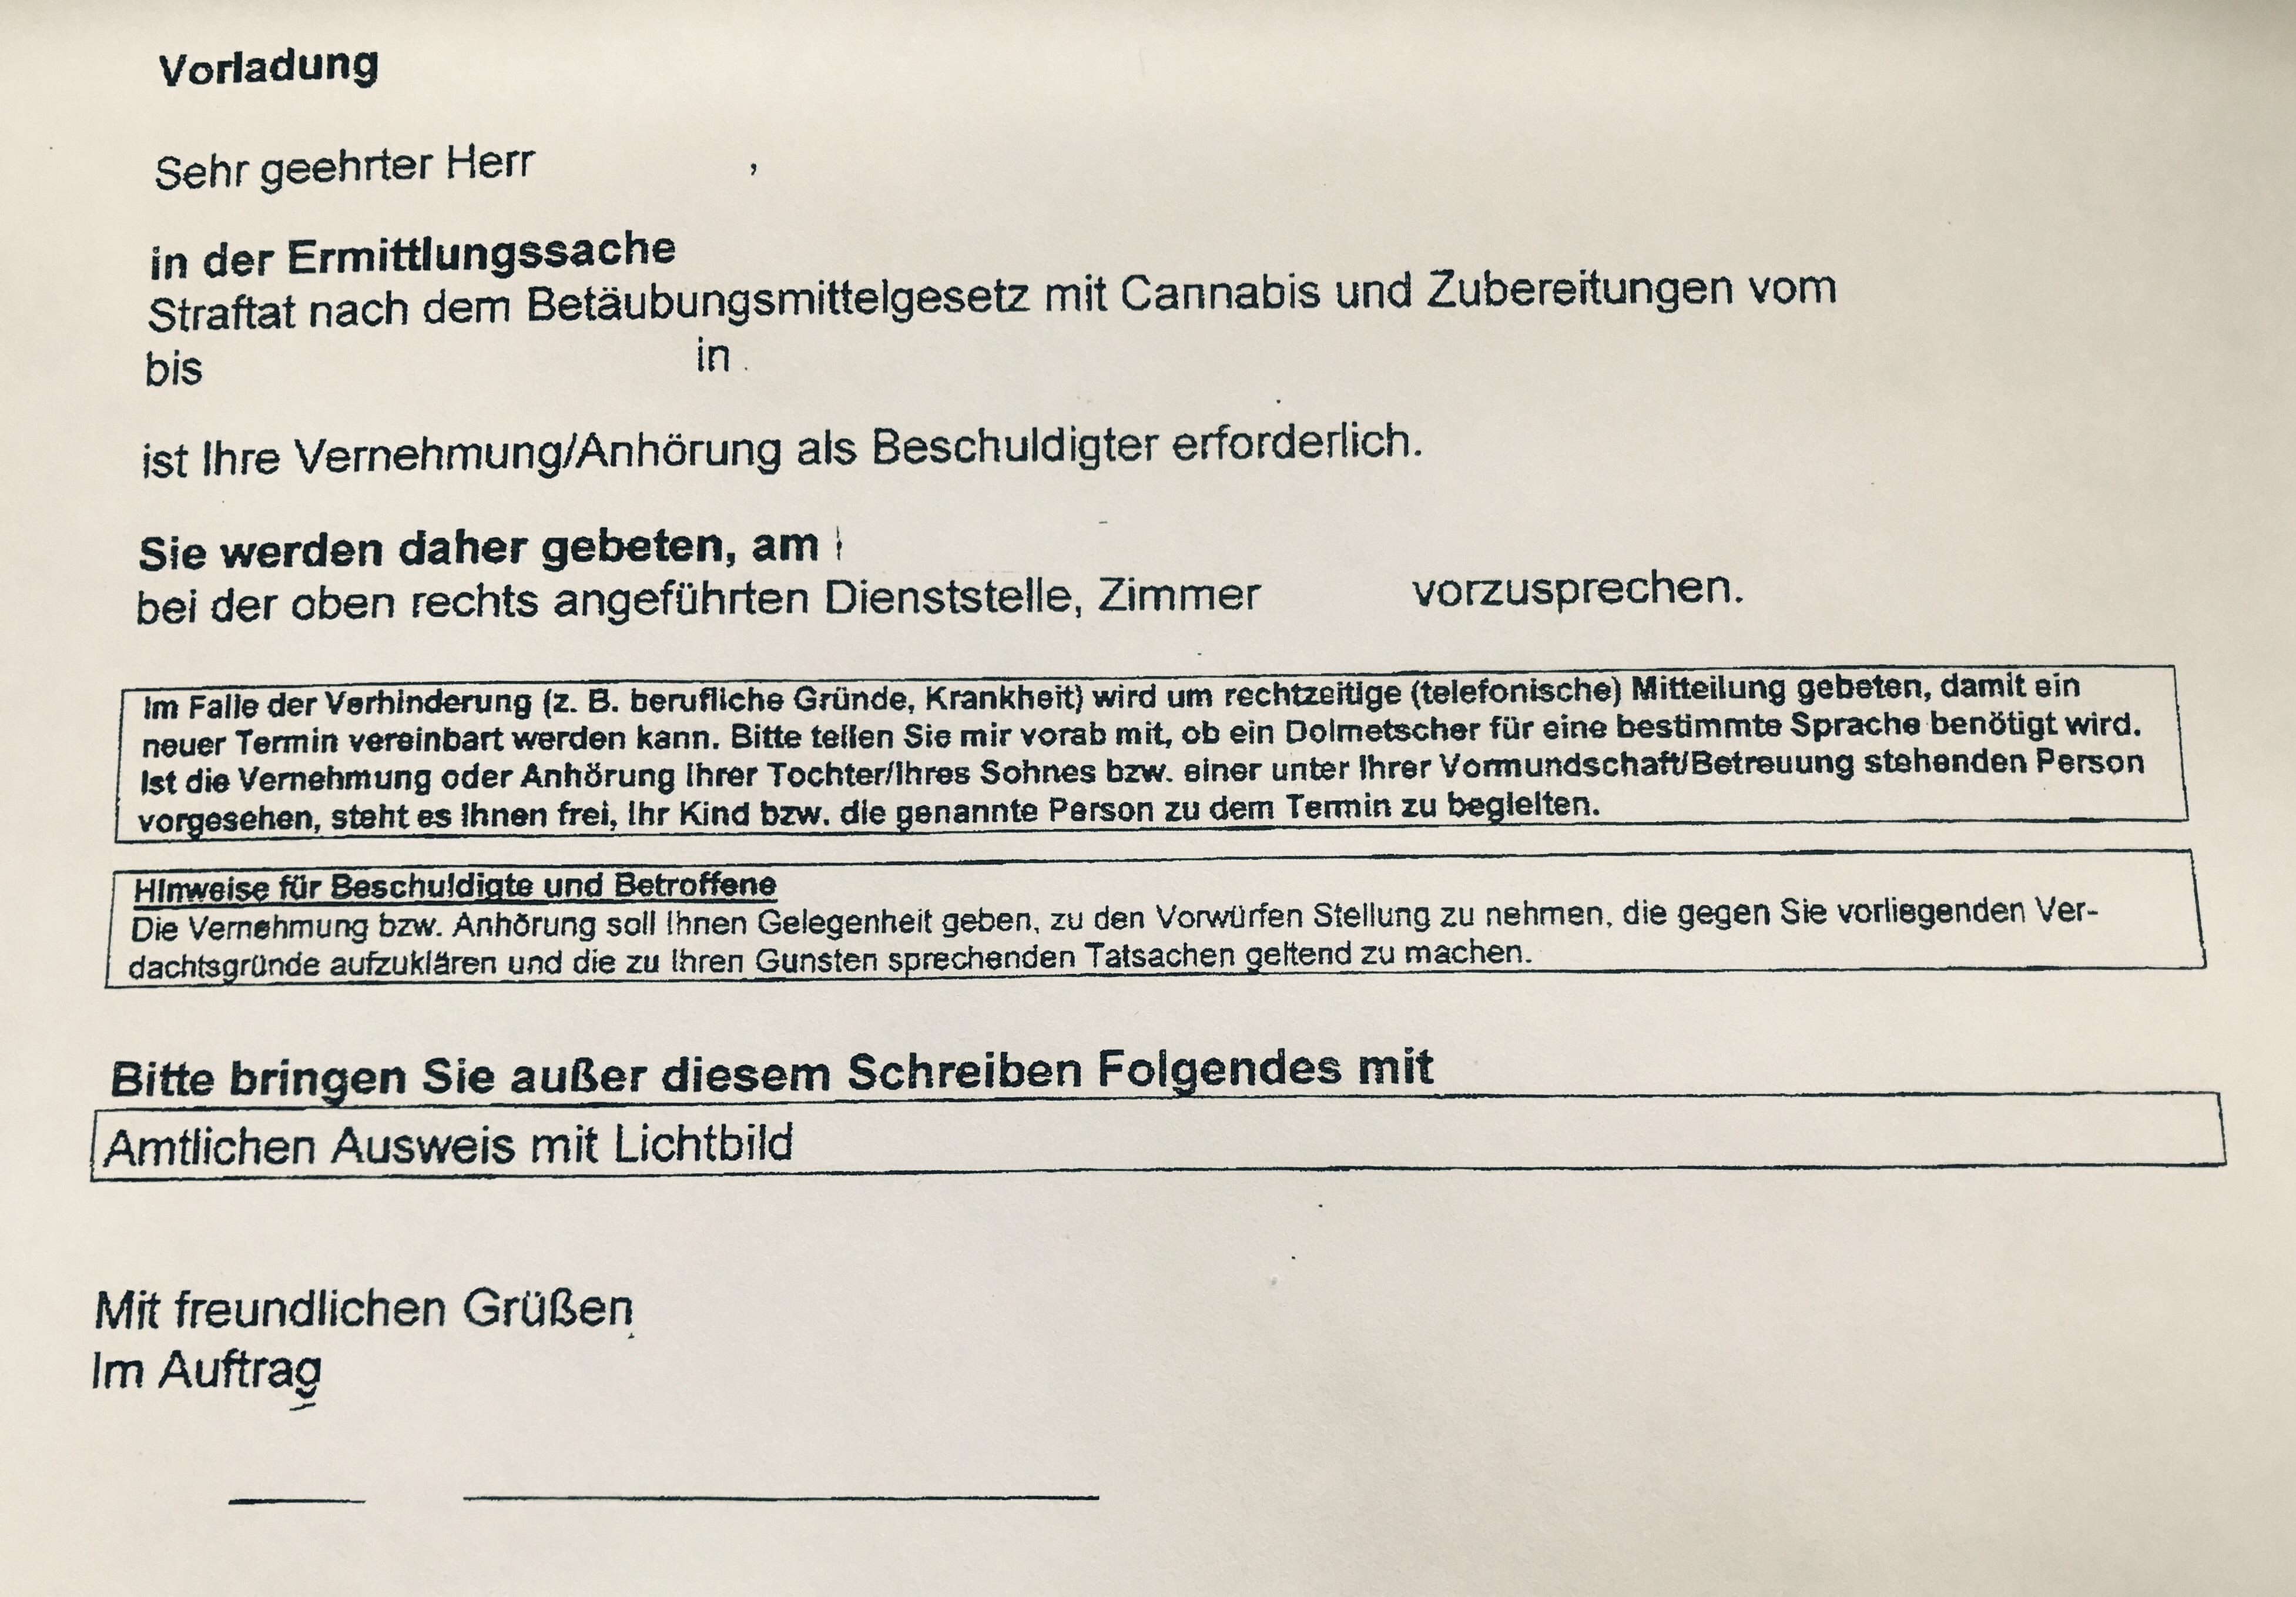 Kanzlei Louis & Michaelis Internet Drogen bestellt Darknet Vorladung Ermittlungsverfahren Anwalt